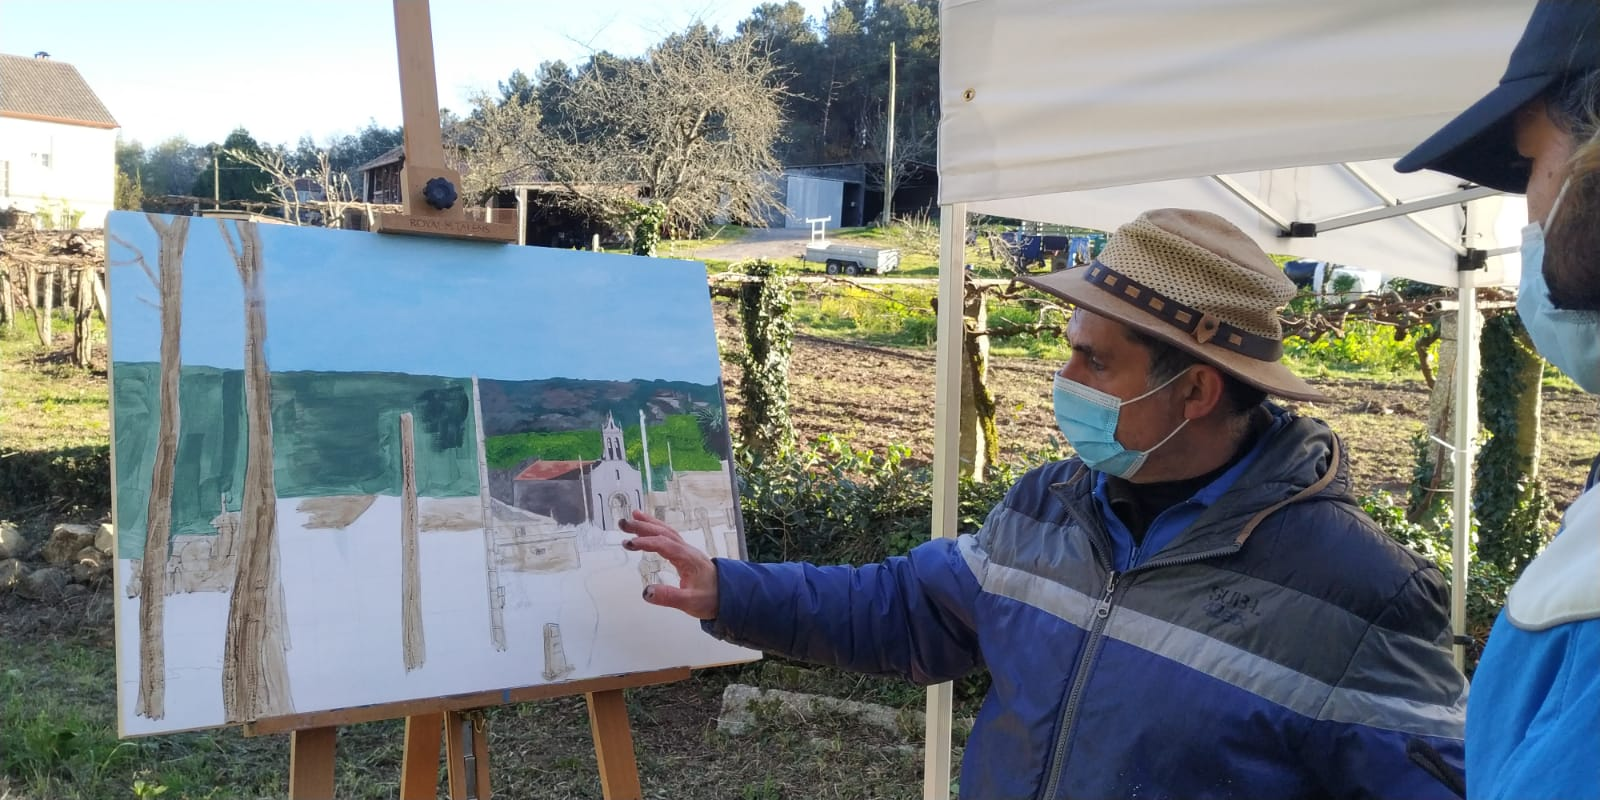 Trasdeza pinta O Camiño remata o vindeiro 17 ca exposición das obras realizadas e un foro sobre pintura